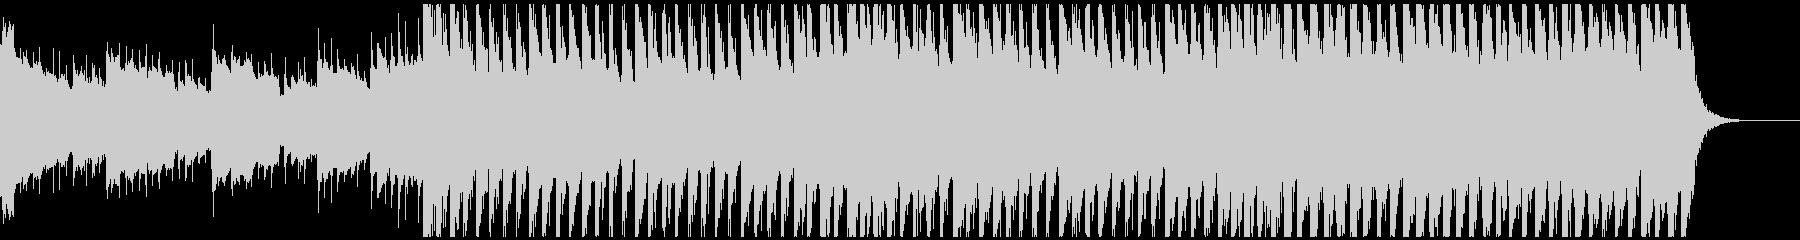 使いやすい60秒版 徐々に立ち上がる曲の未再生の波形